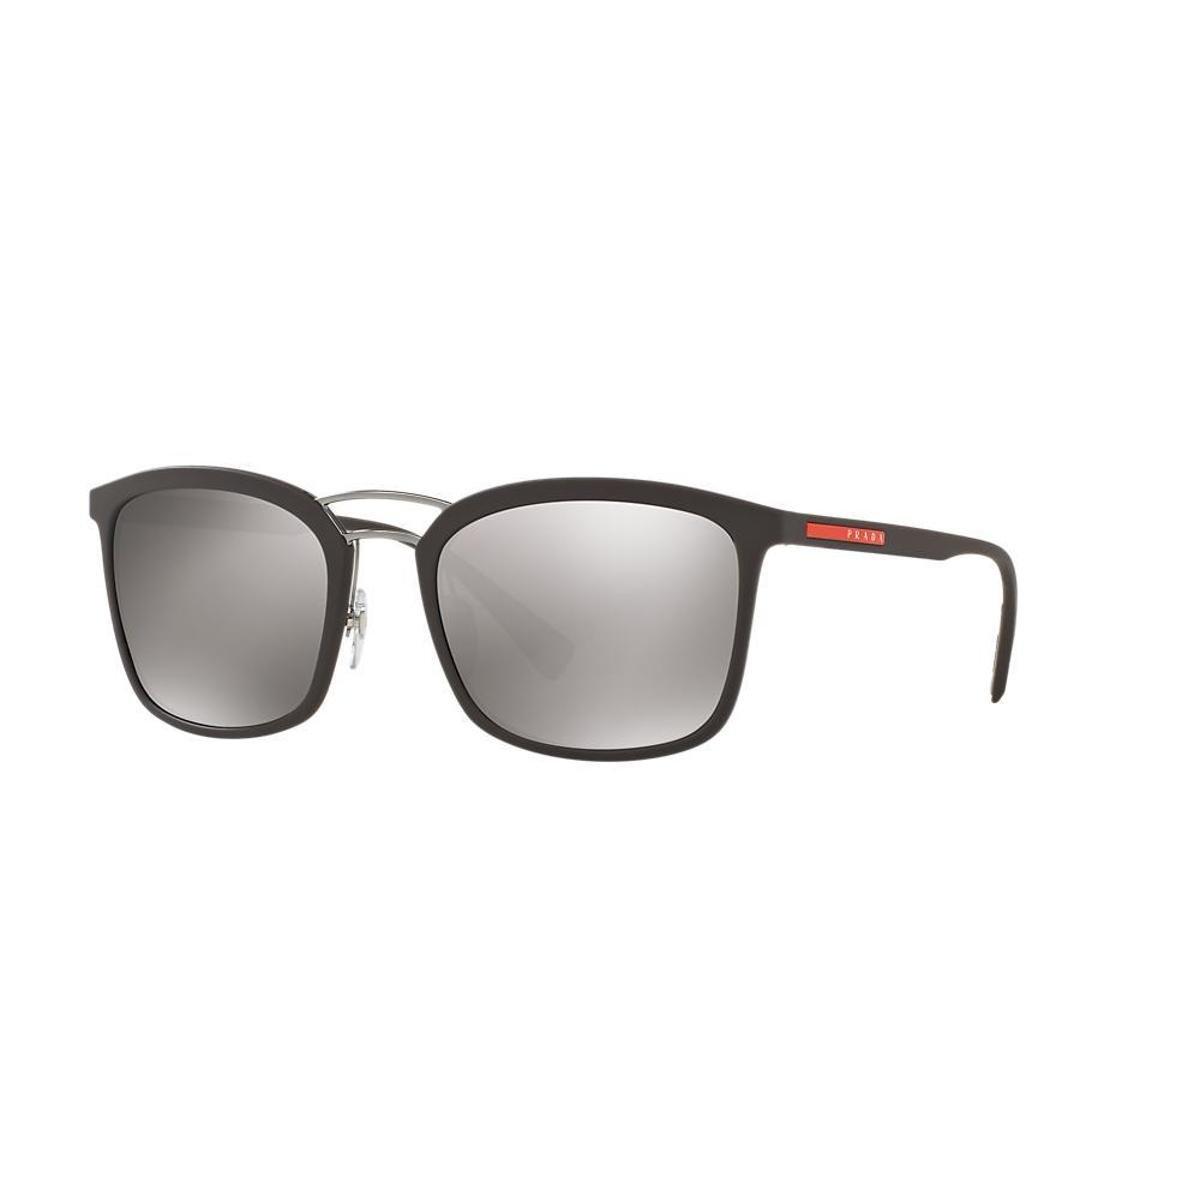 Óculos de Sol Prada Linea Rossa Retangular PS 03SS Masculina - Preto ... 023b86acbb